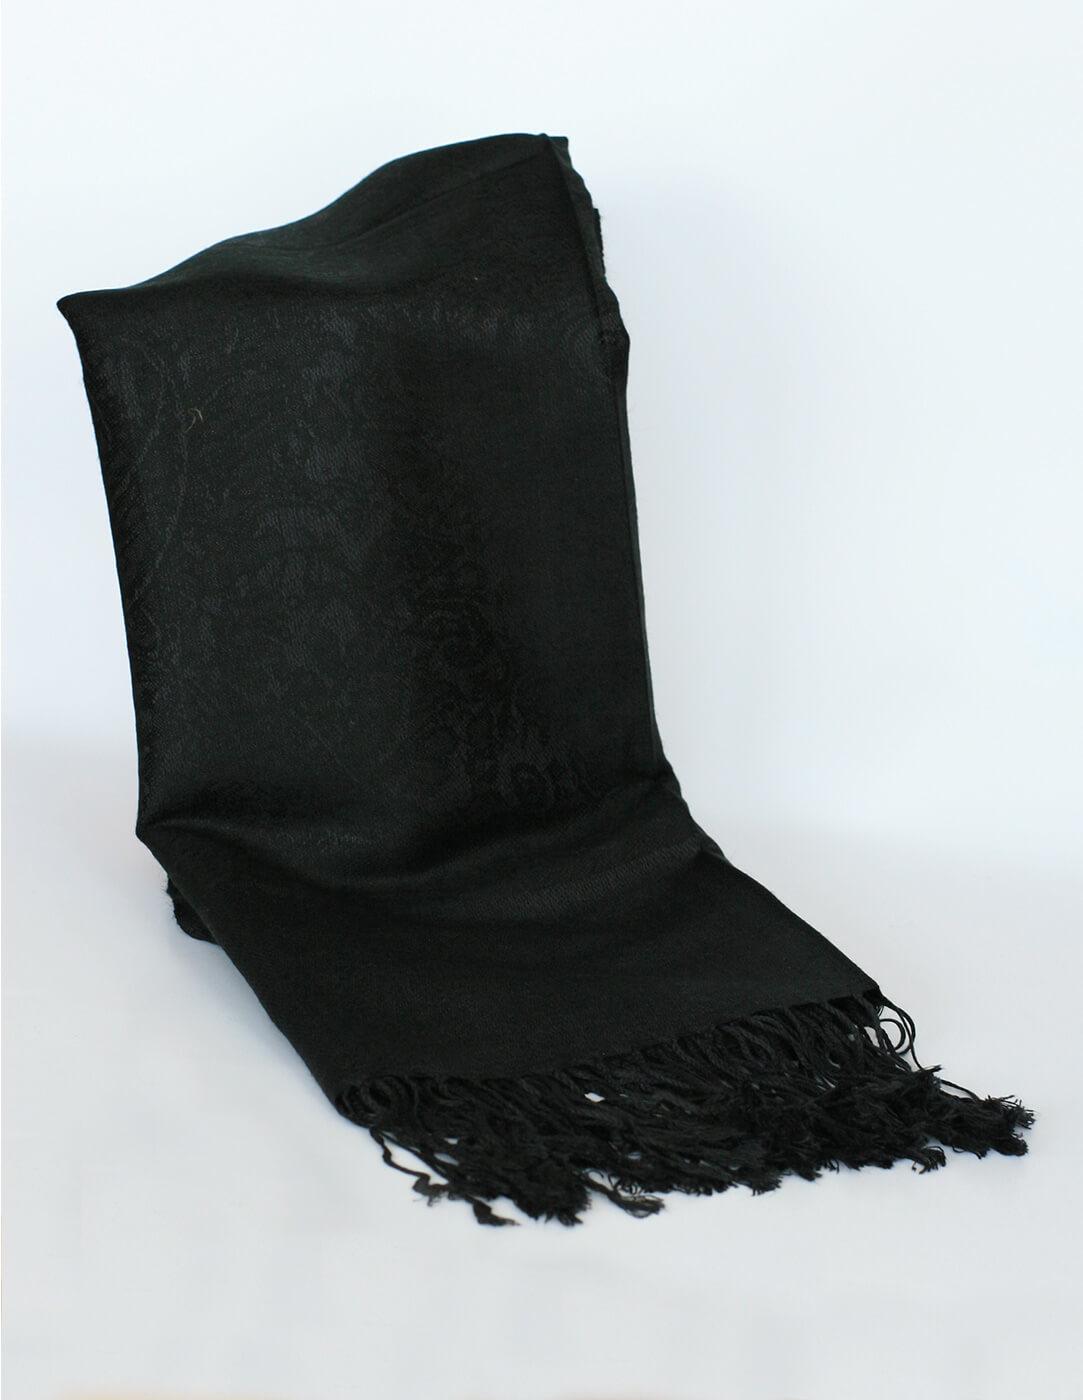 Pašmína (kašmírový šál) - farba čierna